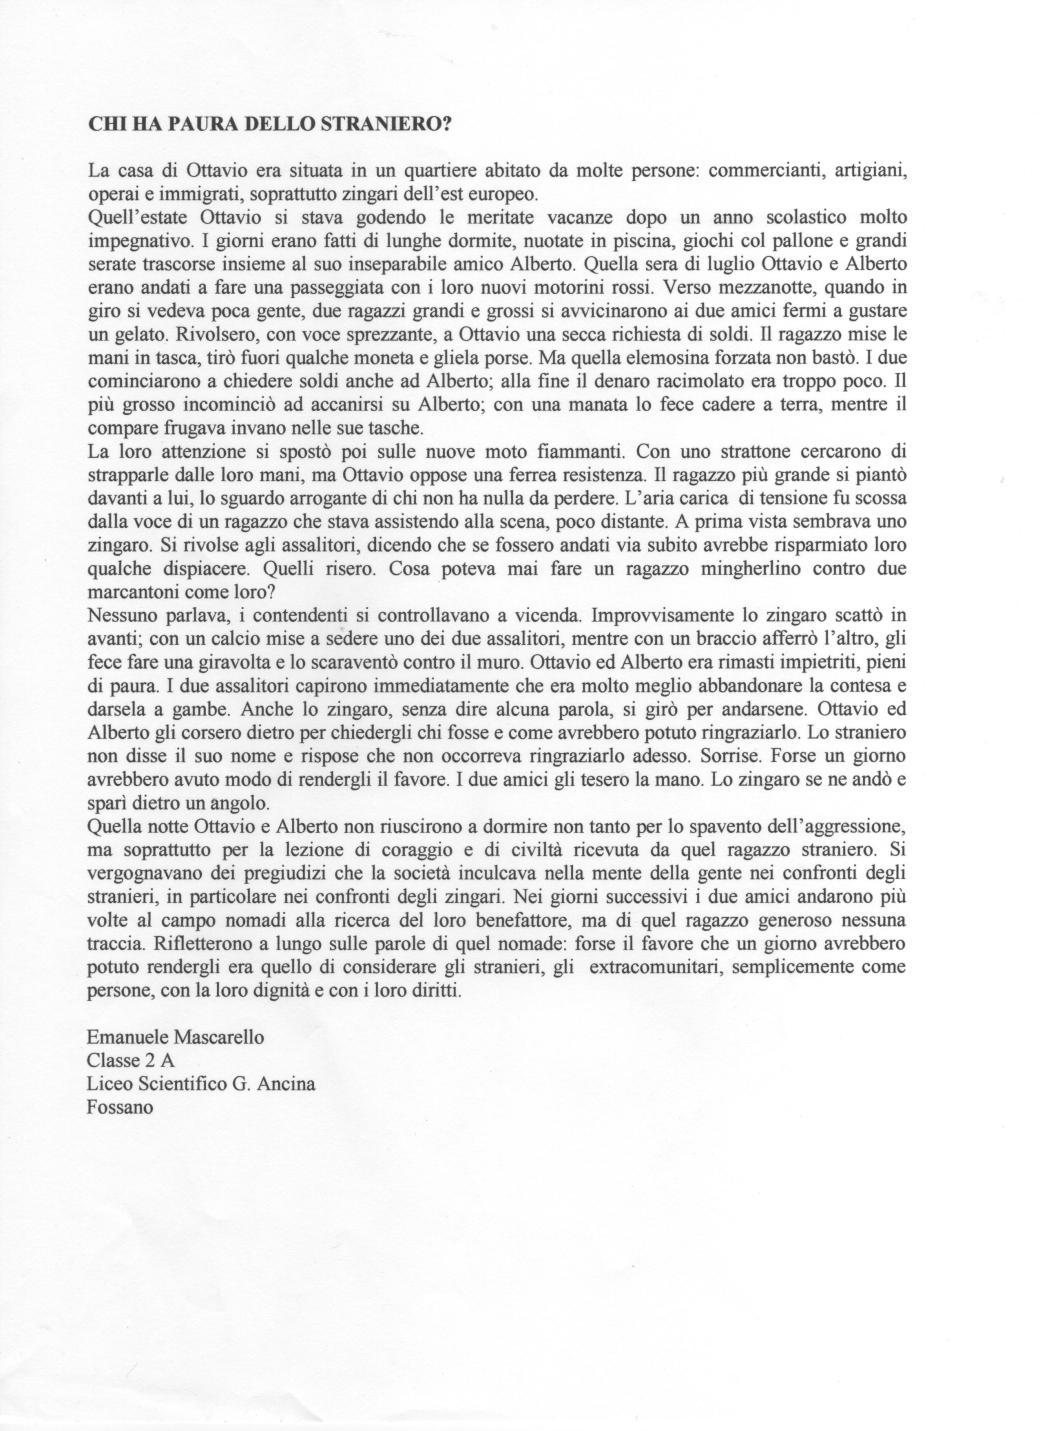 Mascarello_Emanuele